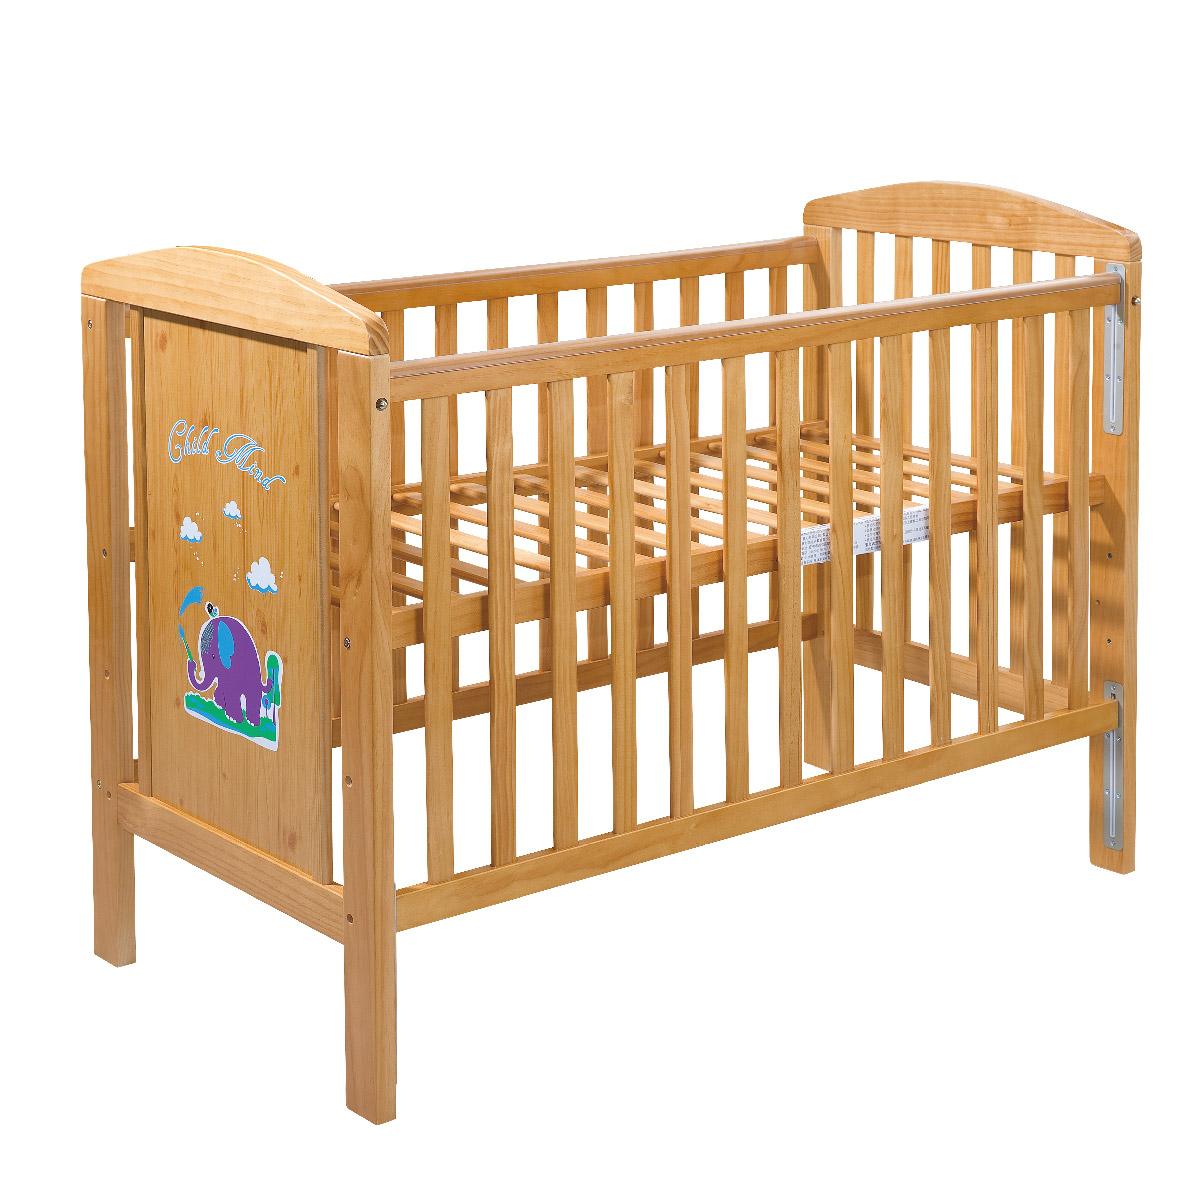 童心 Child Mind 小畫象三合一嬰兒中床